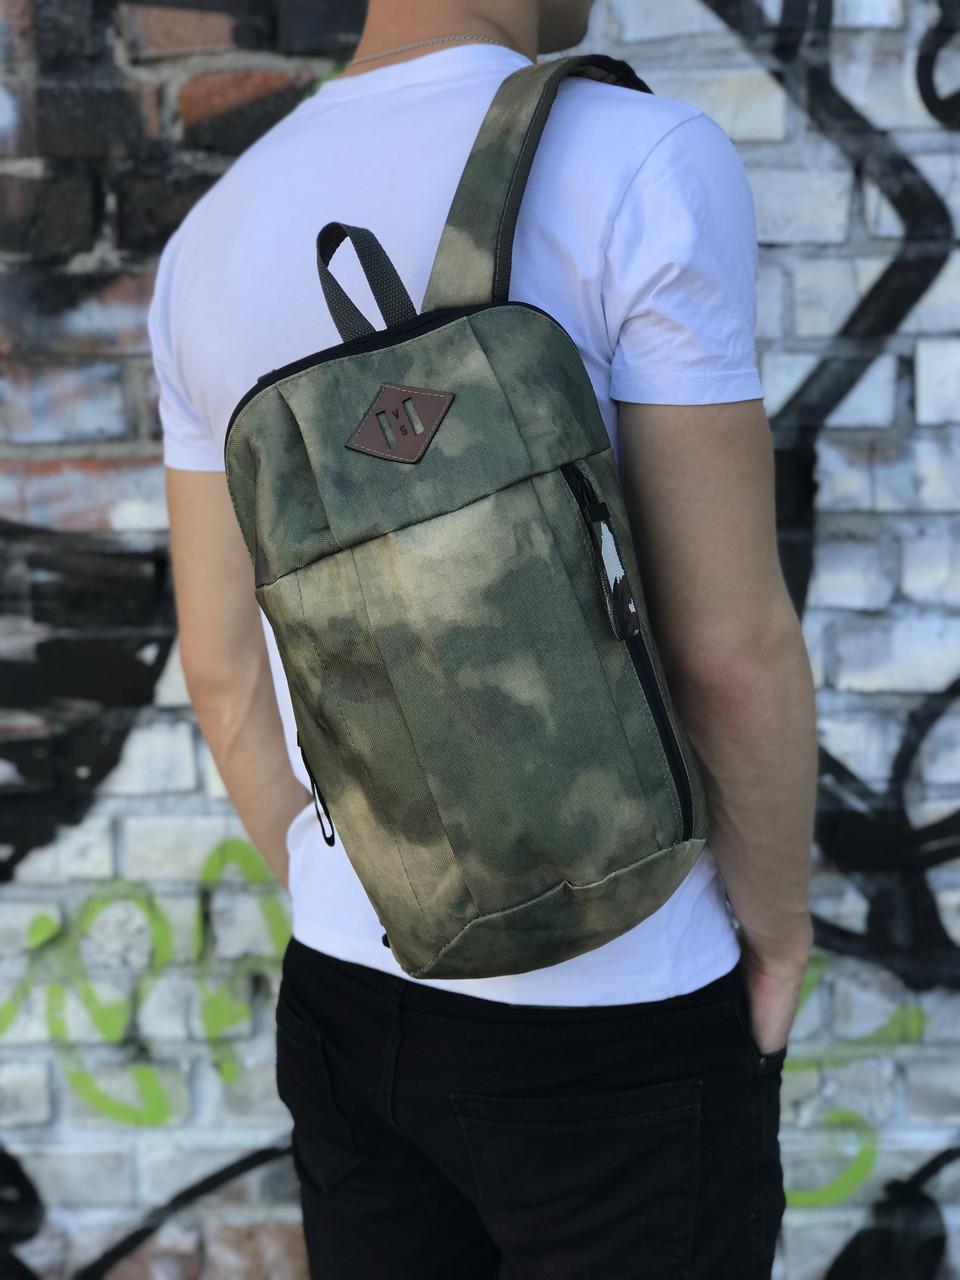 Повсякденний чоловічий рюкзак (невеликий)